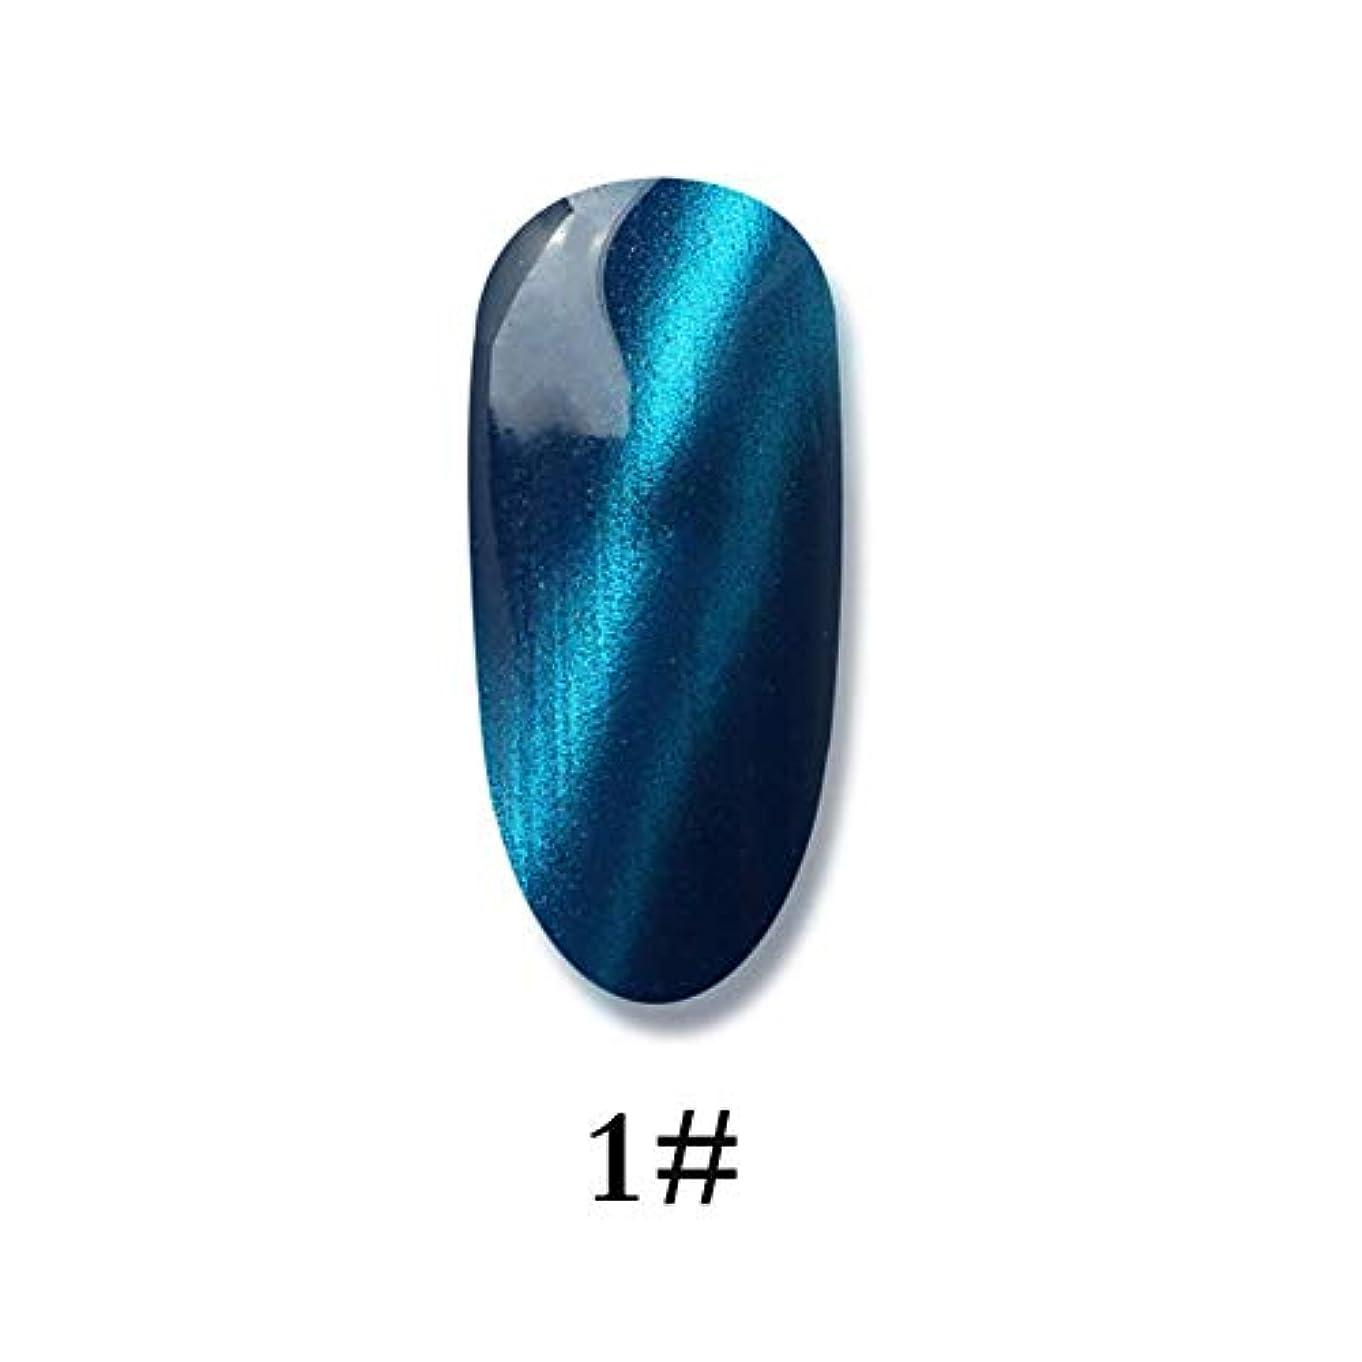 杭包囲遷移ネイルポリッシュ - ネイル光線療法用ゲル 3Dキャットアイジェルメイクアップネイルポリッシュグルー